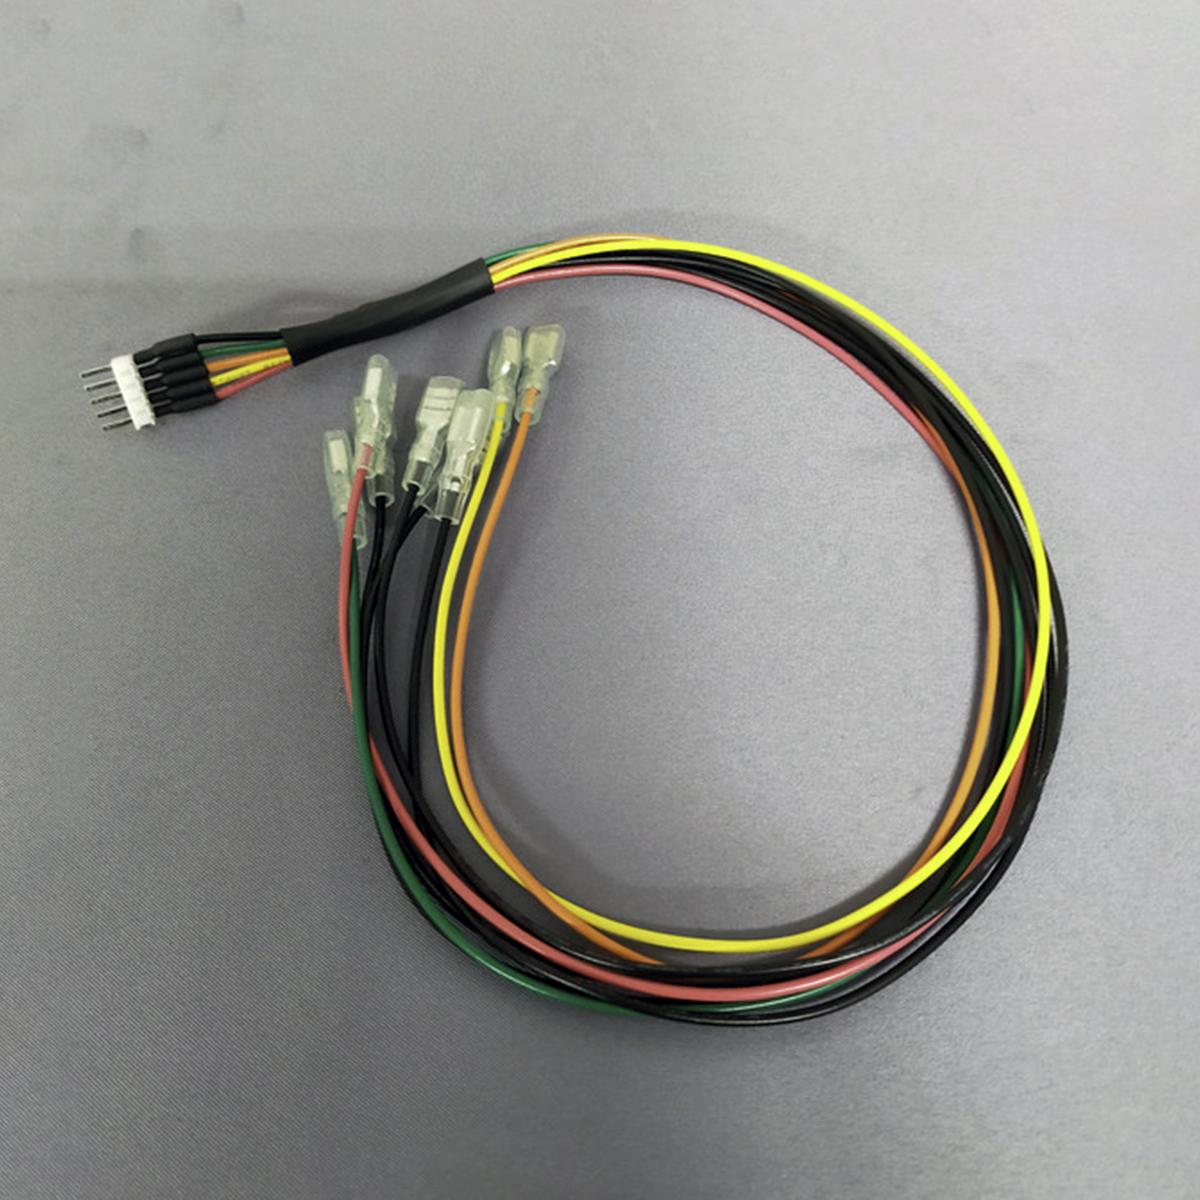 セイミツ工業 変換ハーネス(ファストン端子・静音タイプ用)単品部品